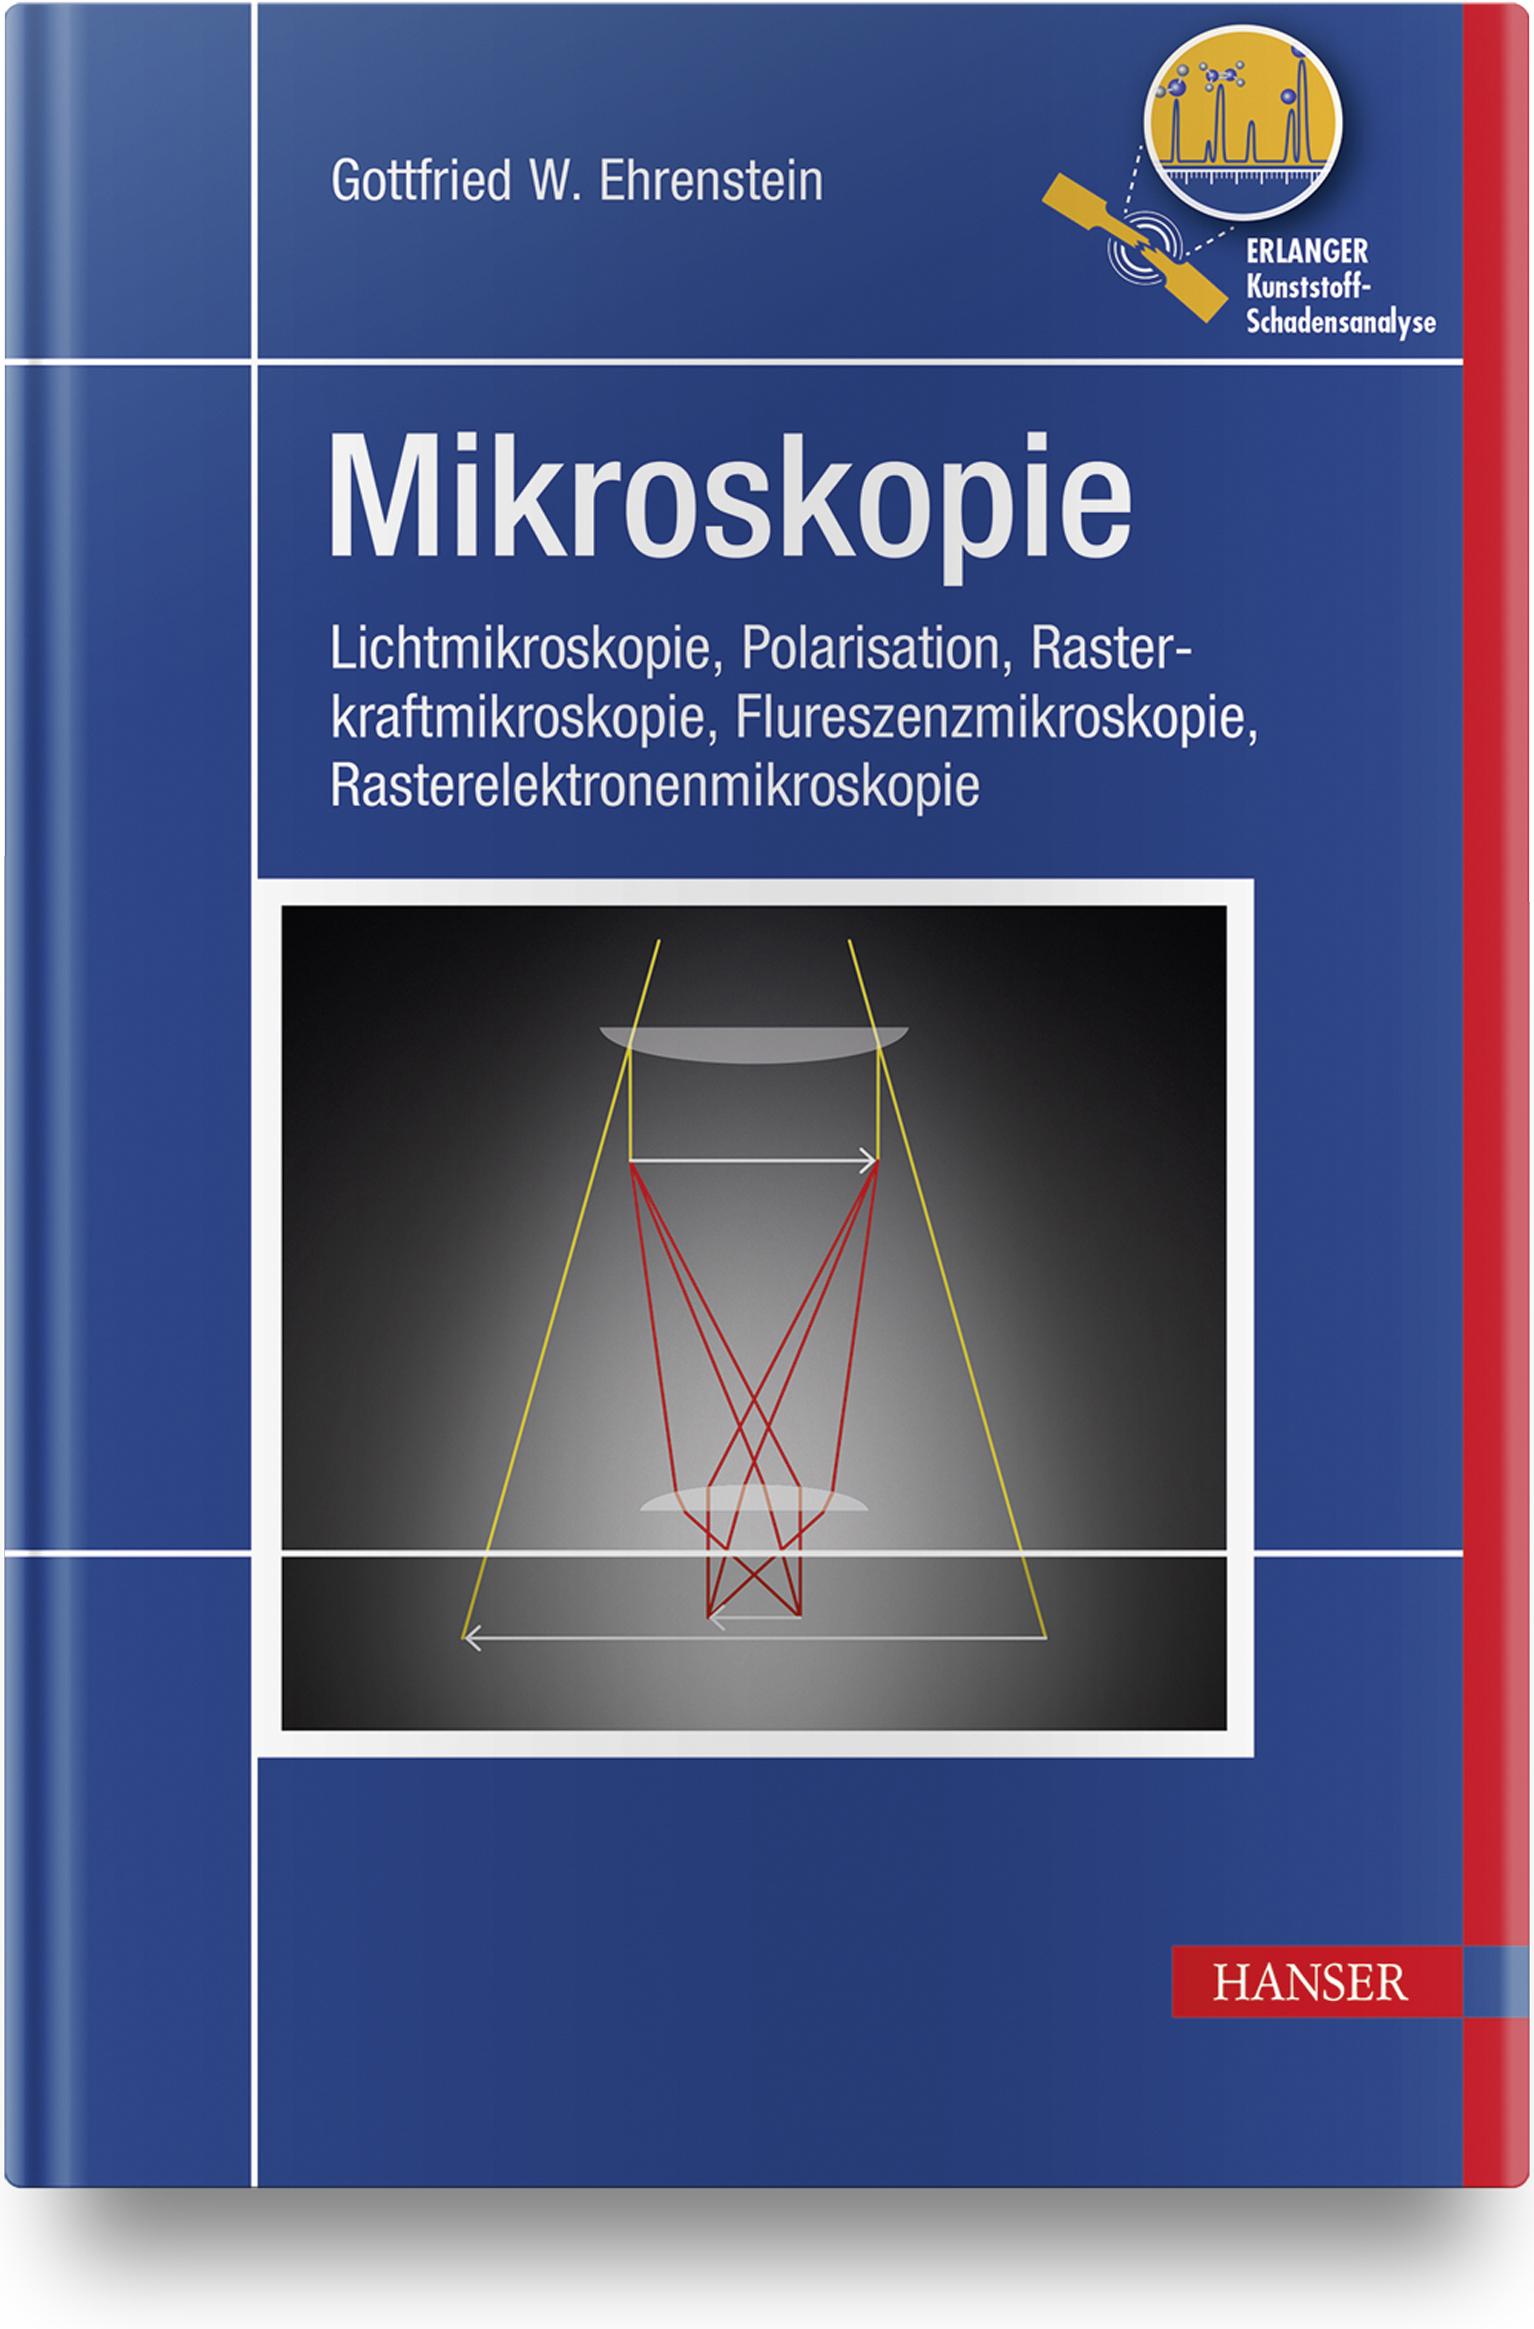 Ehrenstein, Mikroskopie, 978-3-446-46130-7